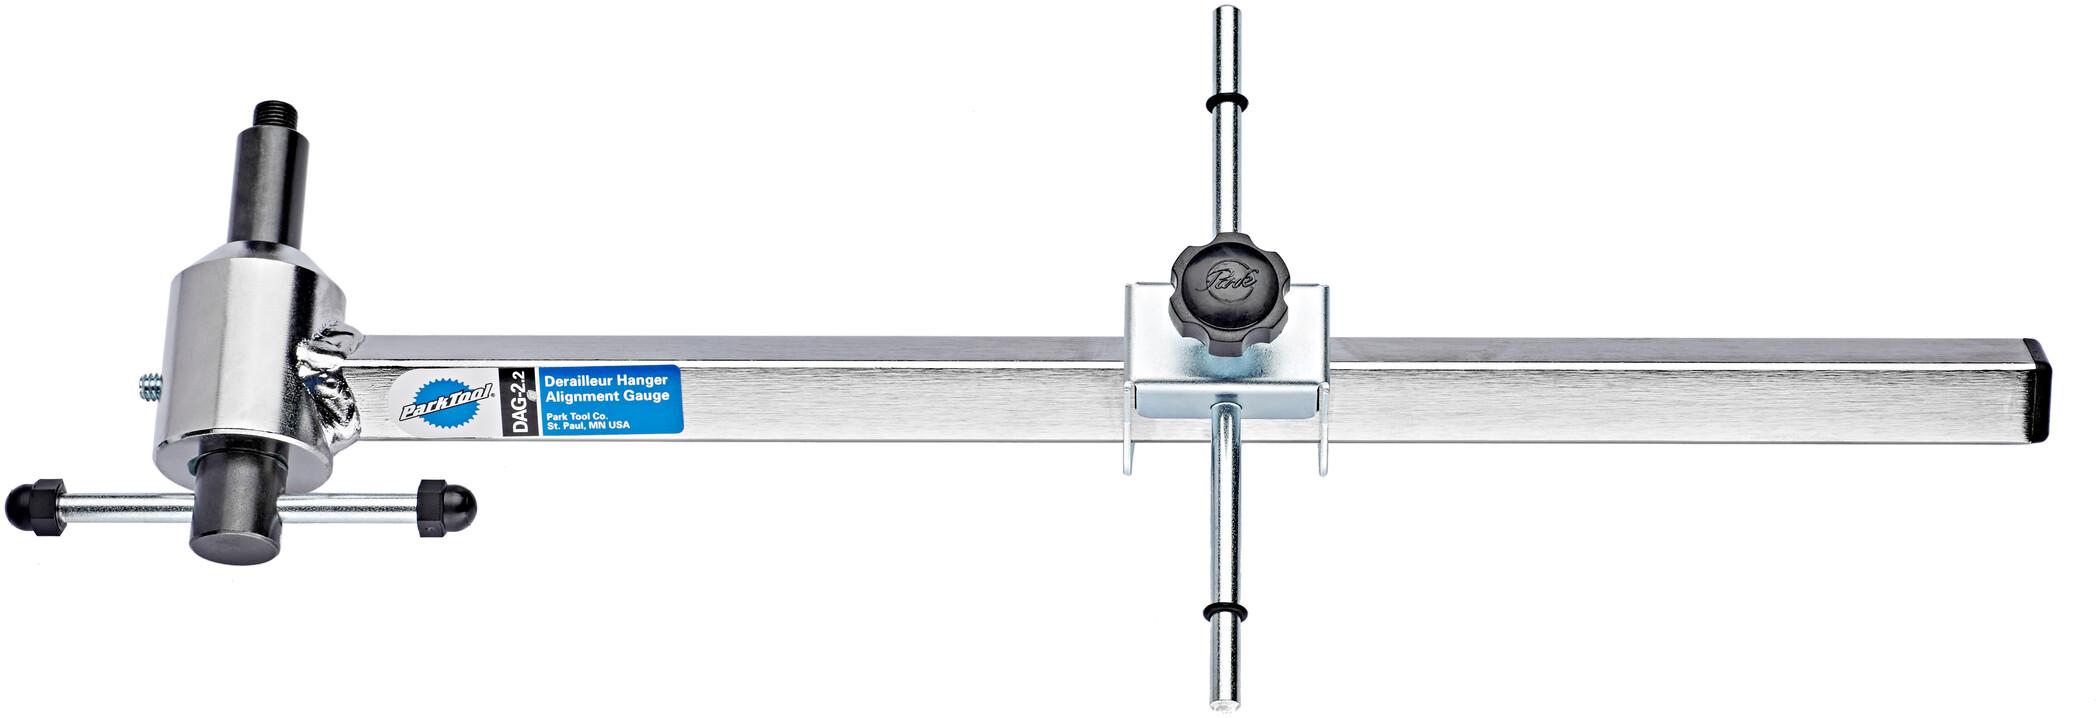 Park Tool DAG-2.2 Justeringsværktøj bagskifter (2019)   Rear derailleur